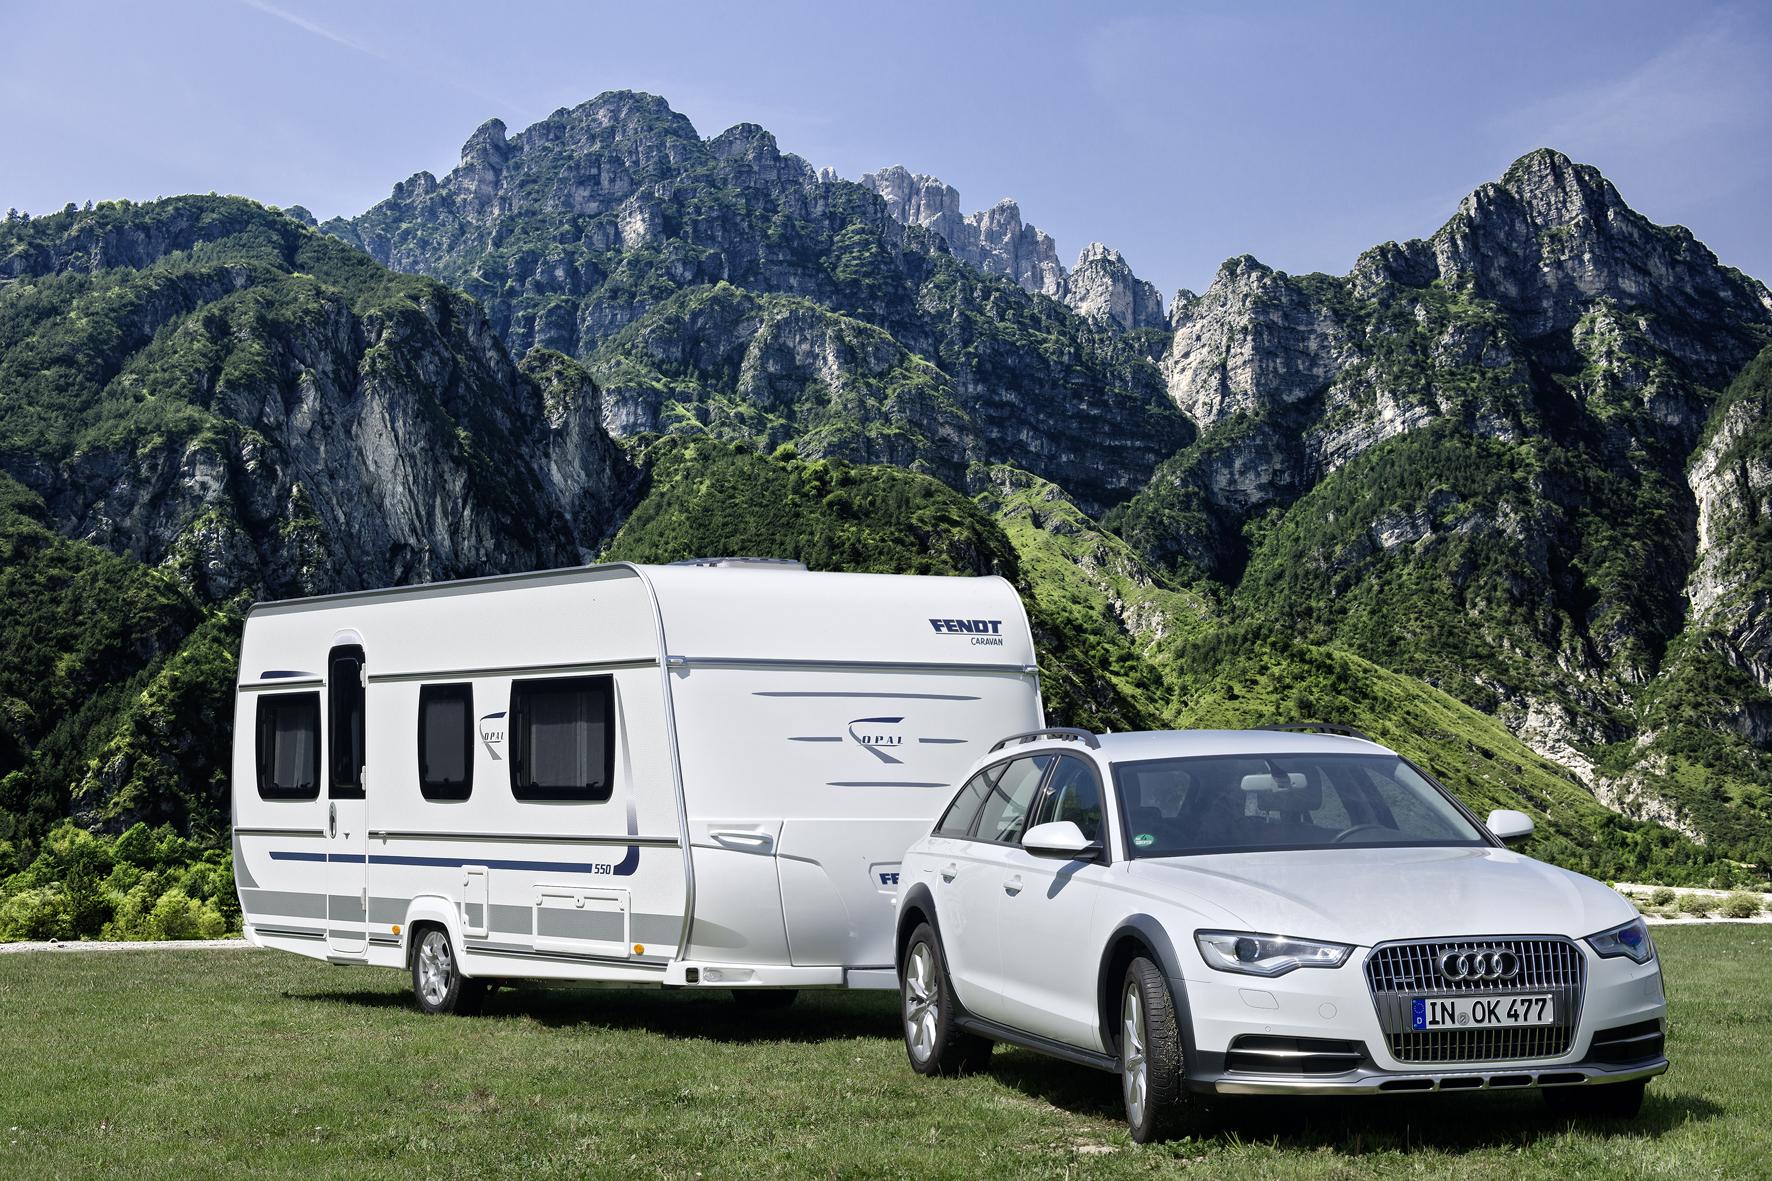 Endlich Urlaub: Damit die Reise mit dem Caravan eine sichere Sache ist, sollten vor der Abfahrt unbedingt die Reifen des Anhängers genau geprüft werden.